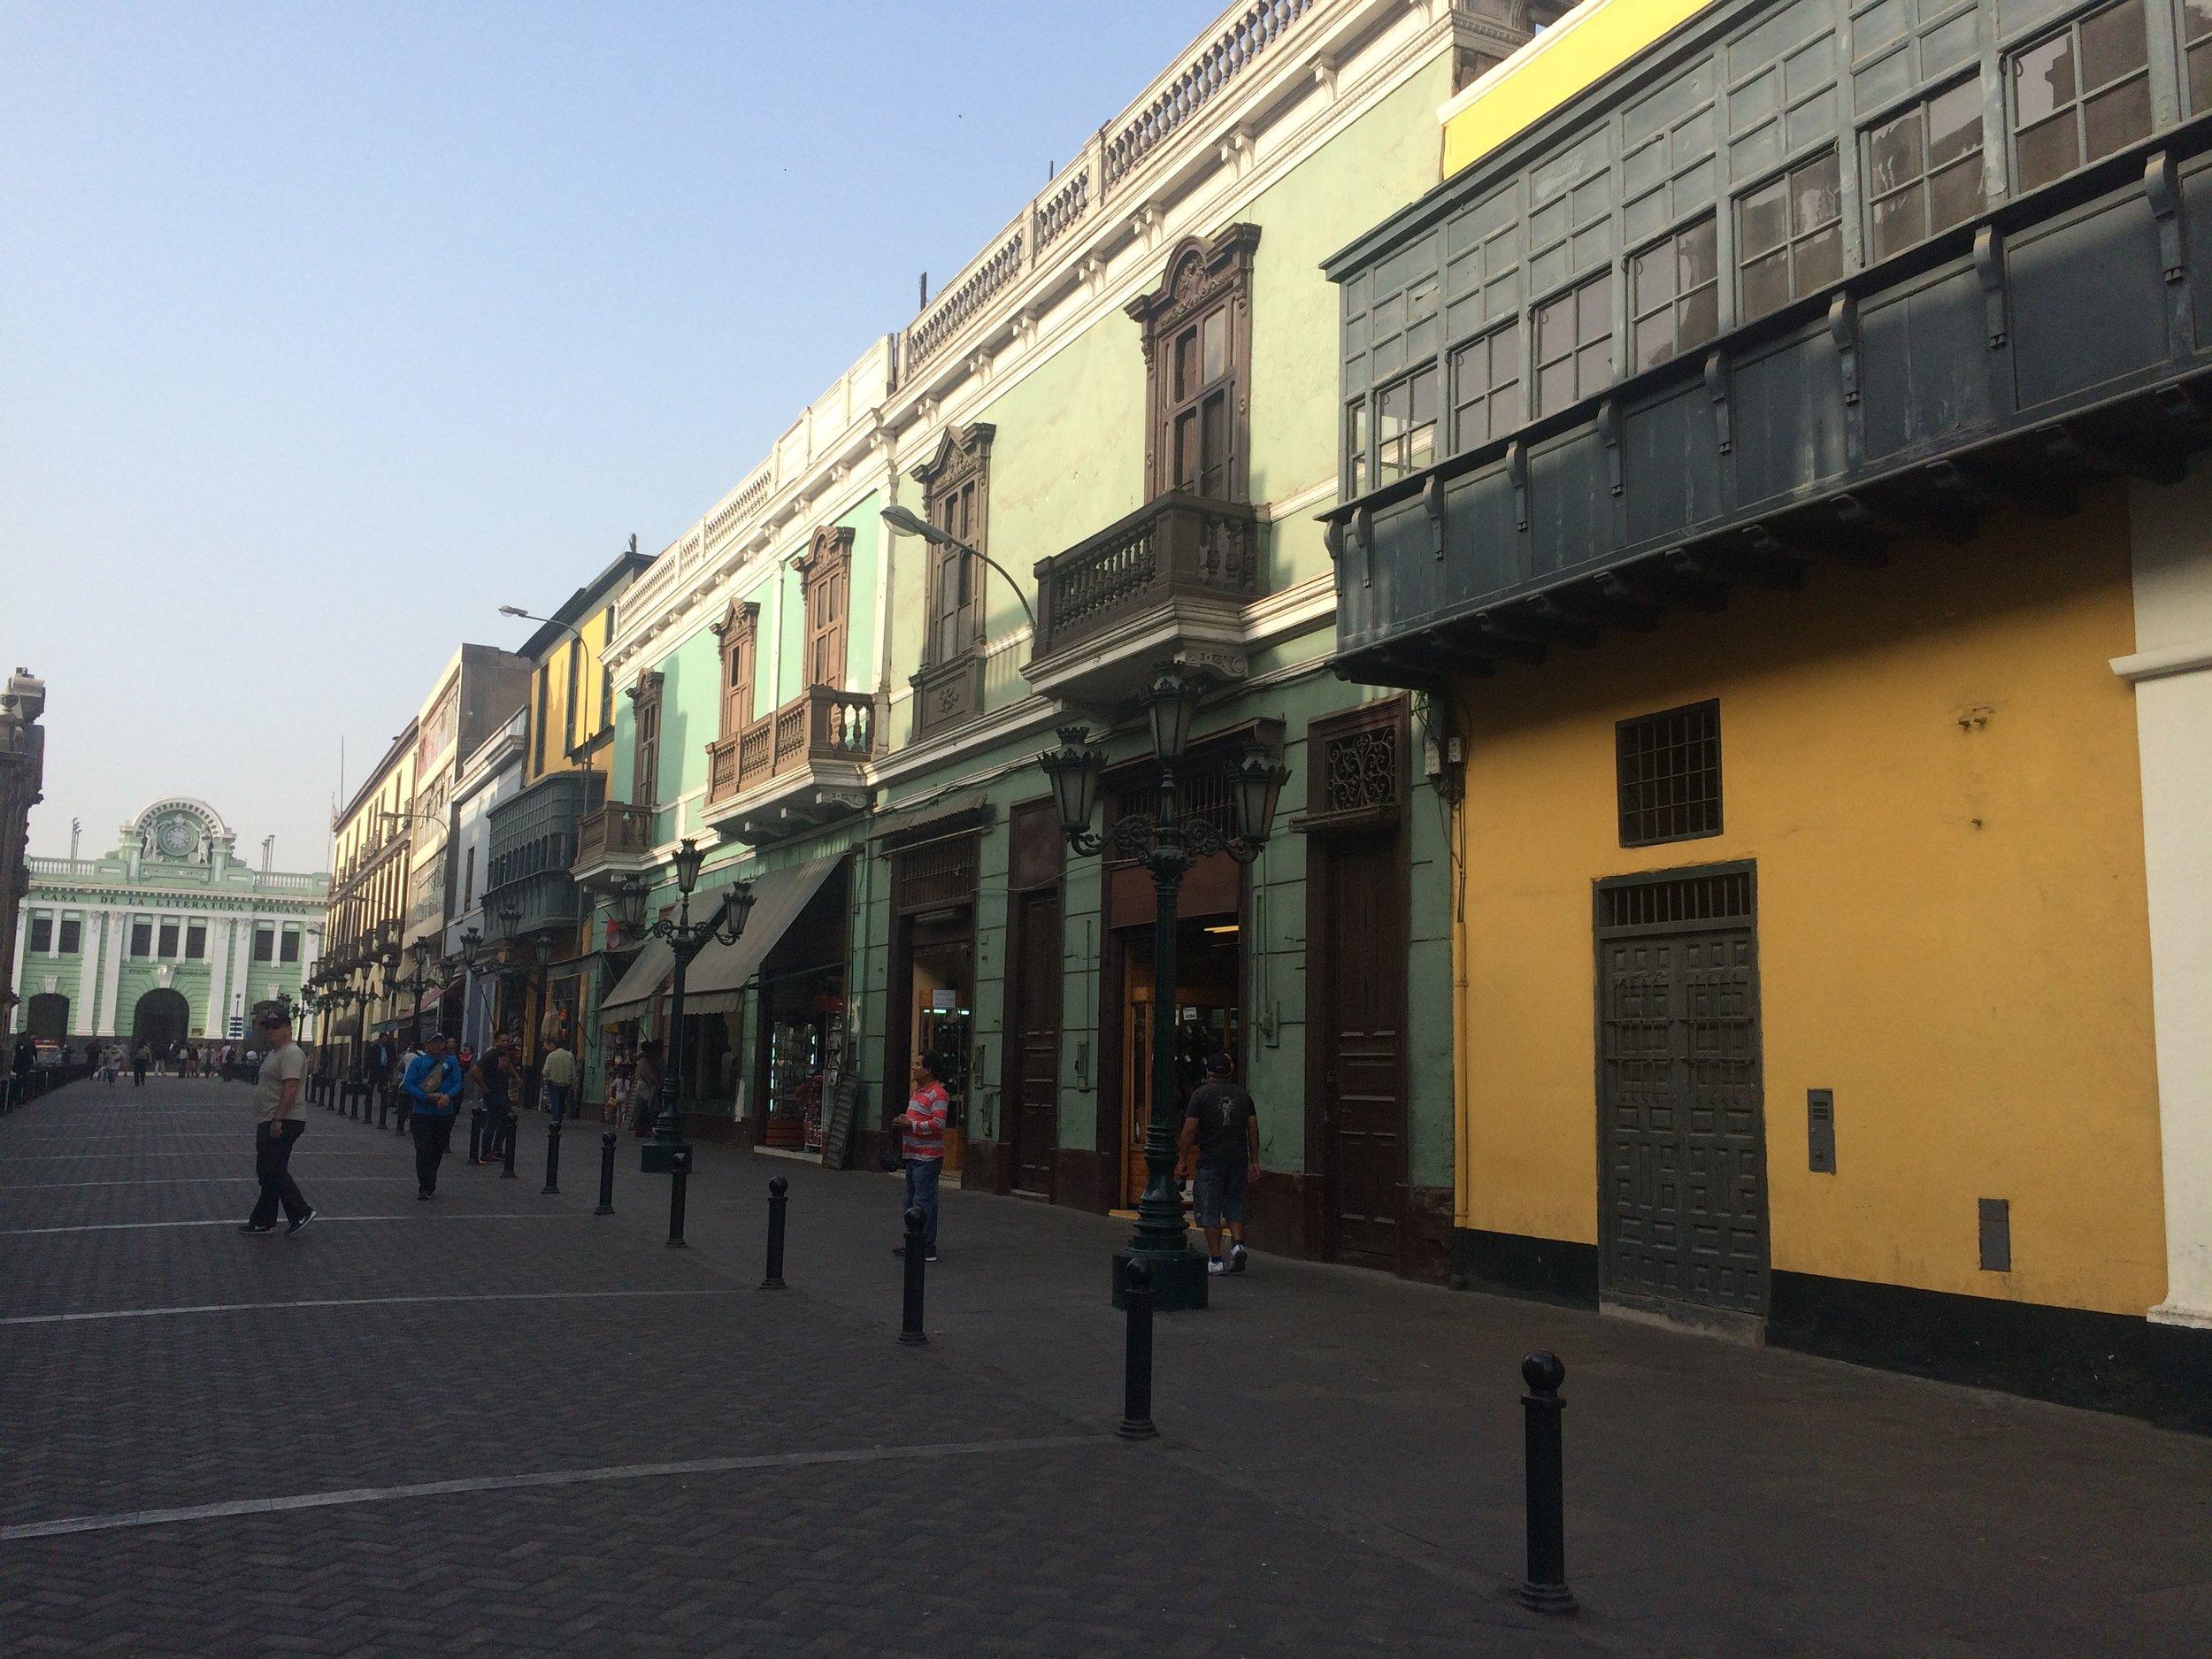 We walk through some side streets to get to Basílica de San Francisco